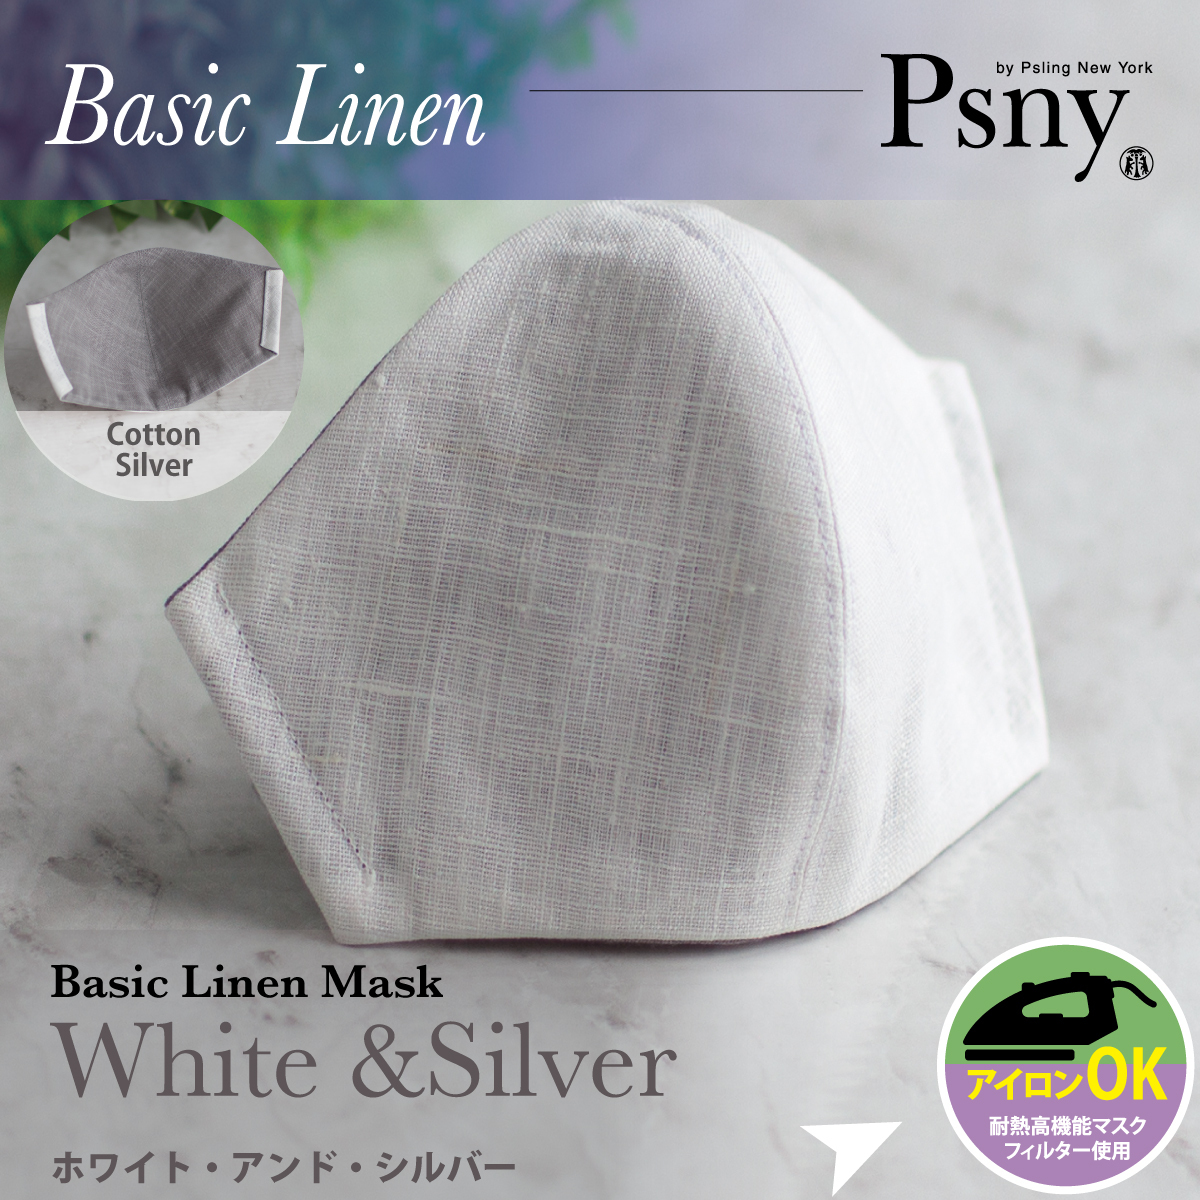 PSNY ベーシックリネン・ホワイト(&シルバー) 花粉 黄砂 洗えるフィルター入り 立体 マスク 大人用 送料無料